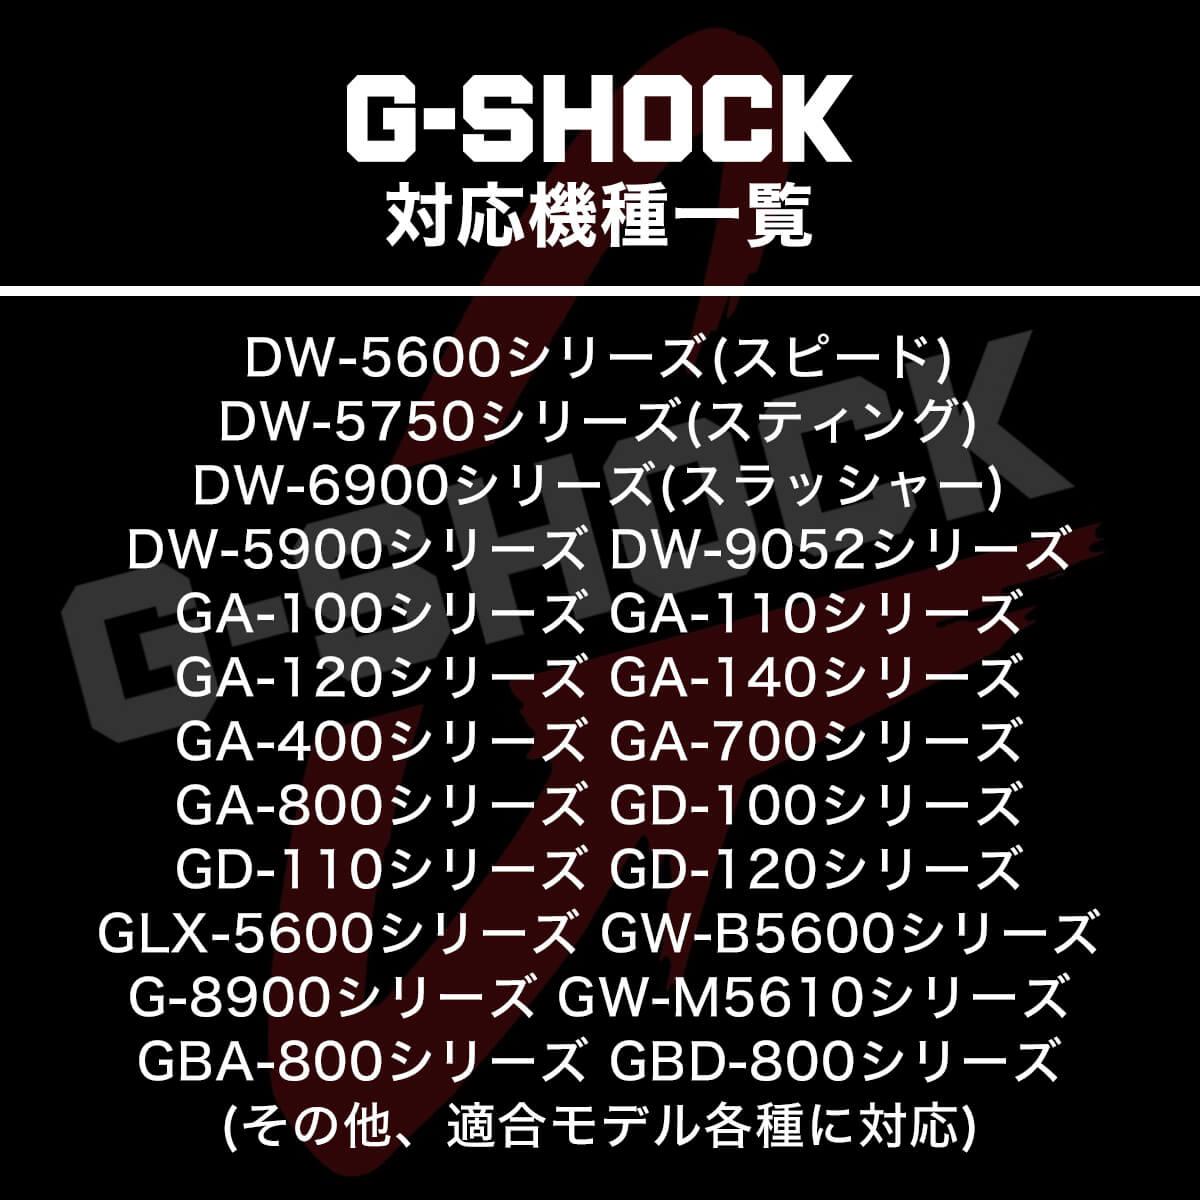 G-SHOCK 対応 ウルトラストレッチナイロンストラップ ベルト アダプター カスタム セット Gショック ジーショック 替え バンド 幅 22mm